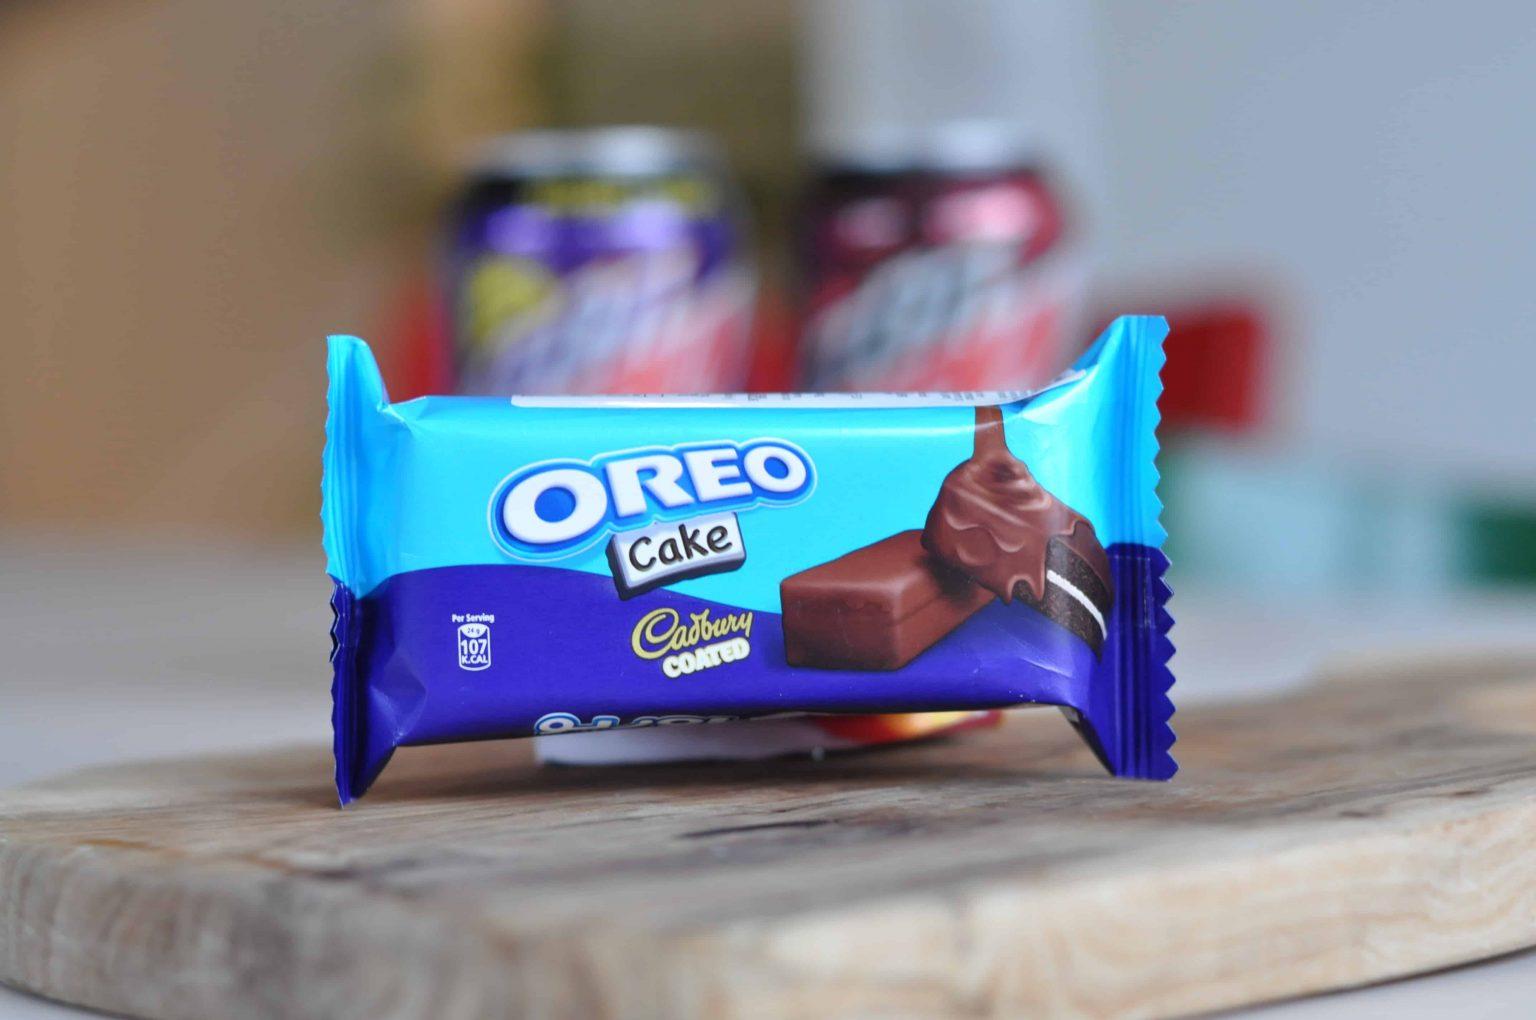 Oreo Cake Cadbury Coated - Sockerbiten